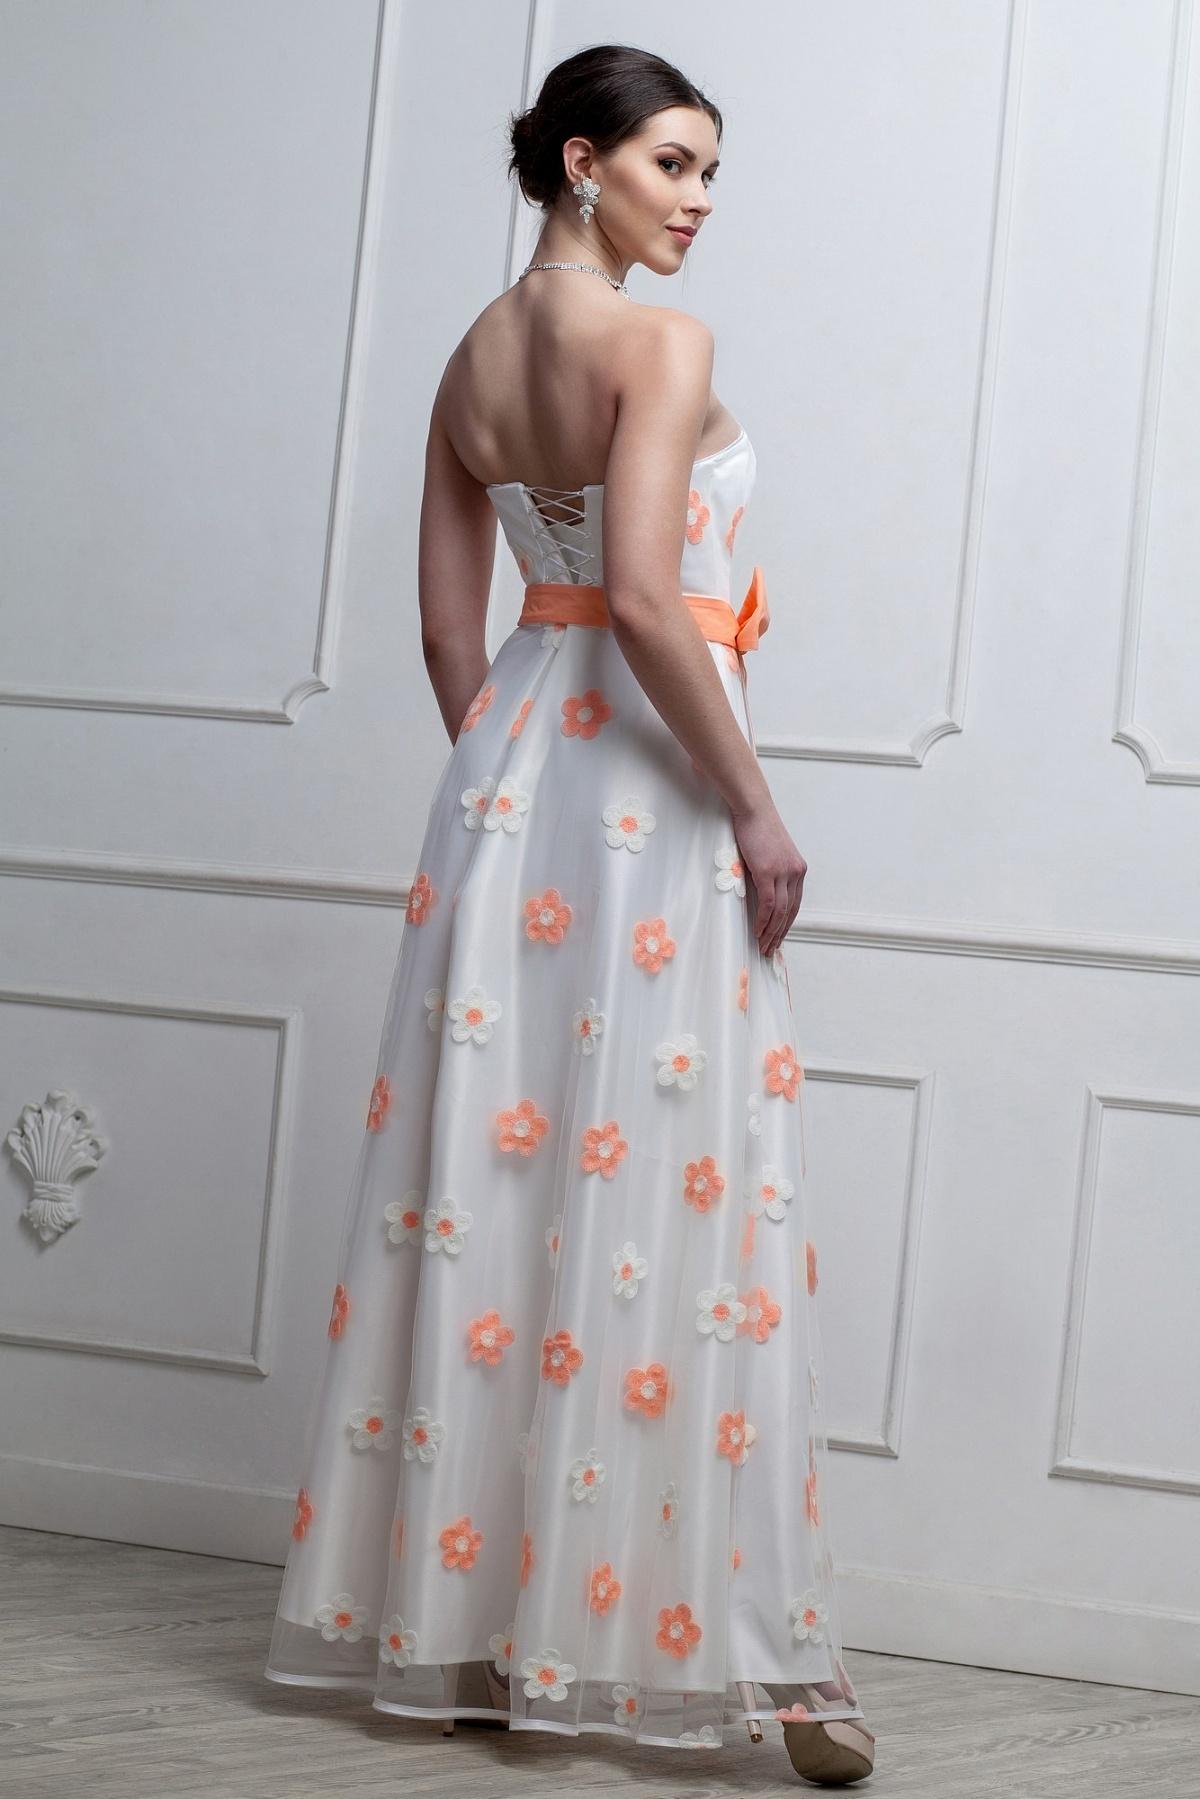 fb19d1c6941a Купить Длинное нарядное платье с цветами в интернет-магазине ...